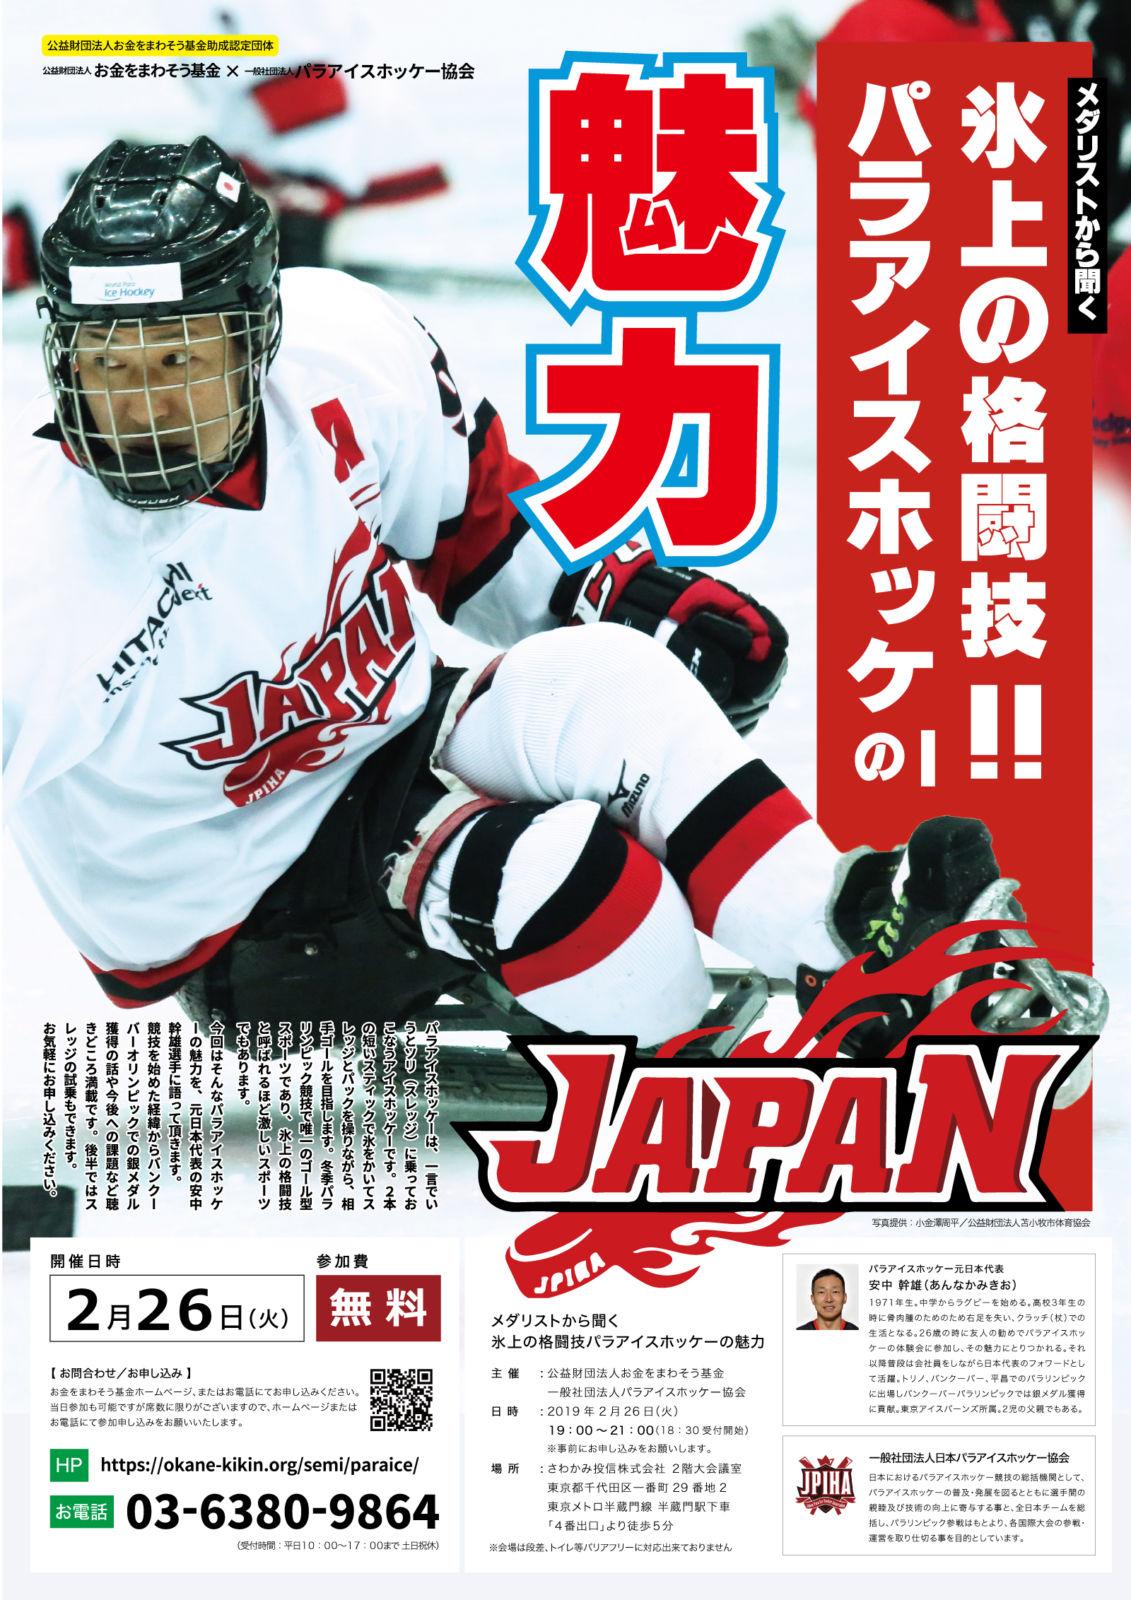 日本パラアイスホッケー協会セミナー開催『メダリストから聞く 氷上の格闘技パラアイスホッケーの魅力』